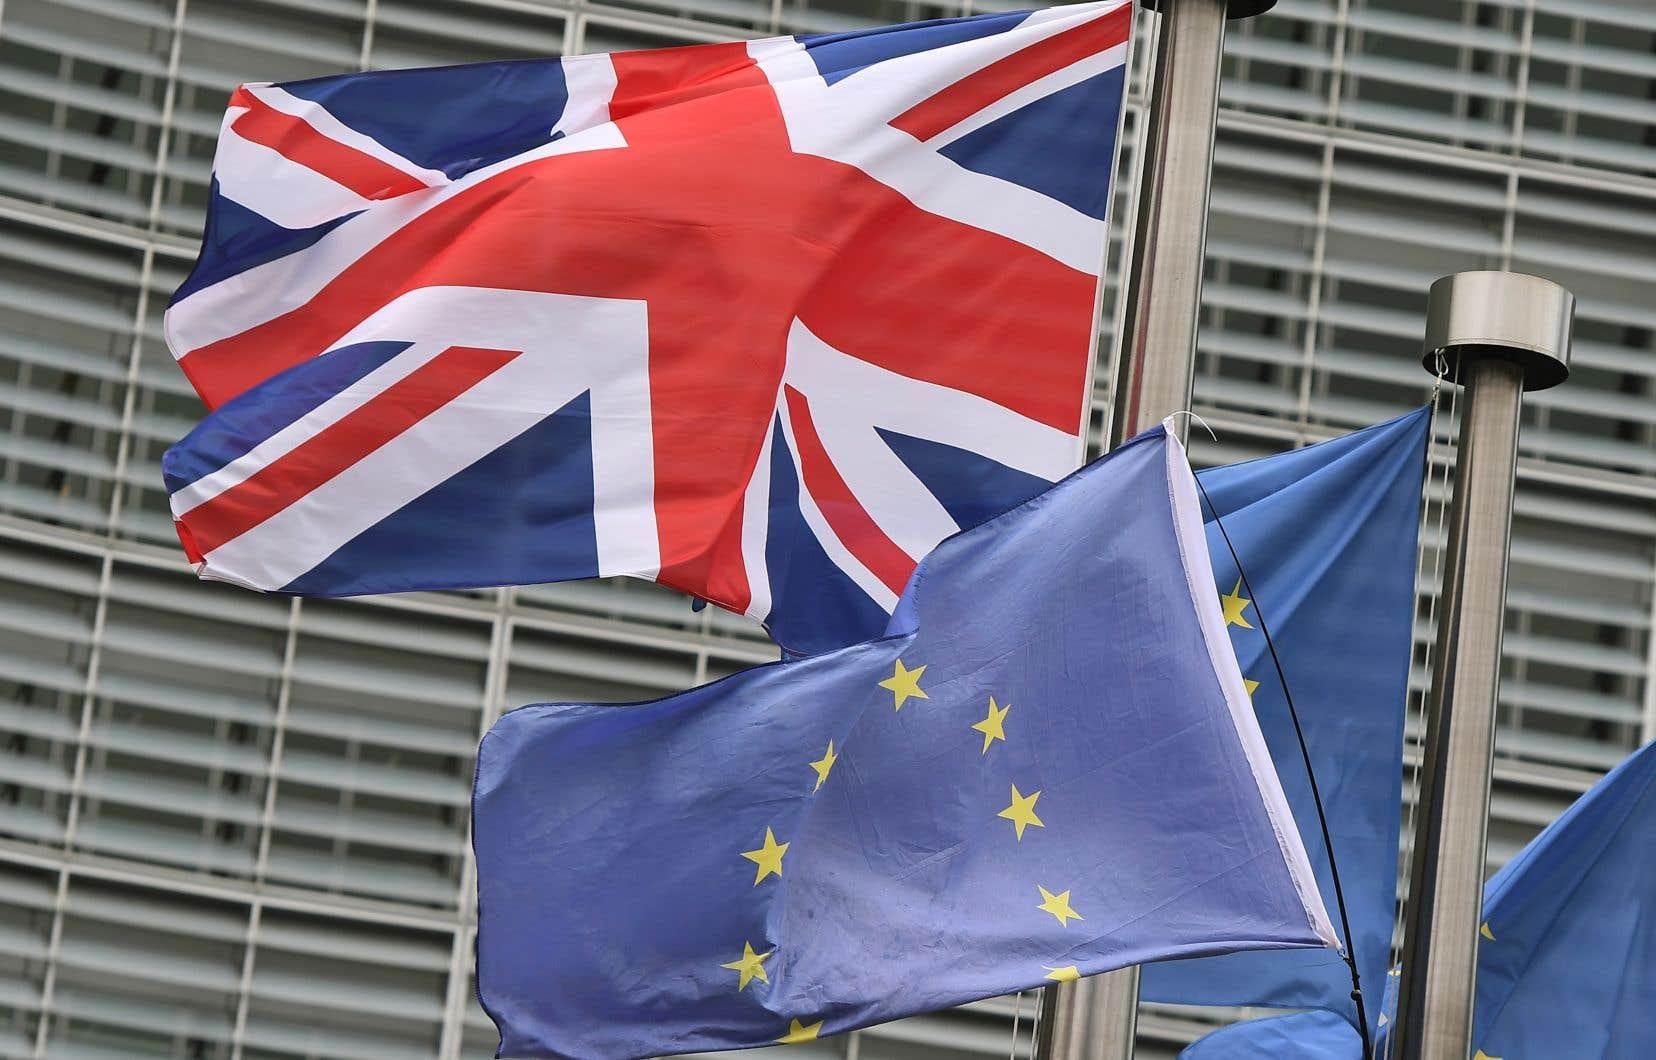 La première phase des négociations du Brexit a porté sur les modalités du divorce, ouvrant la voie à la discussion sur les futures relations.